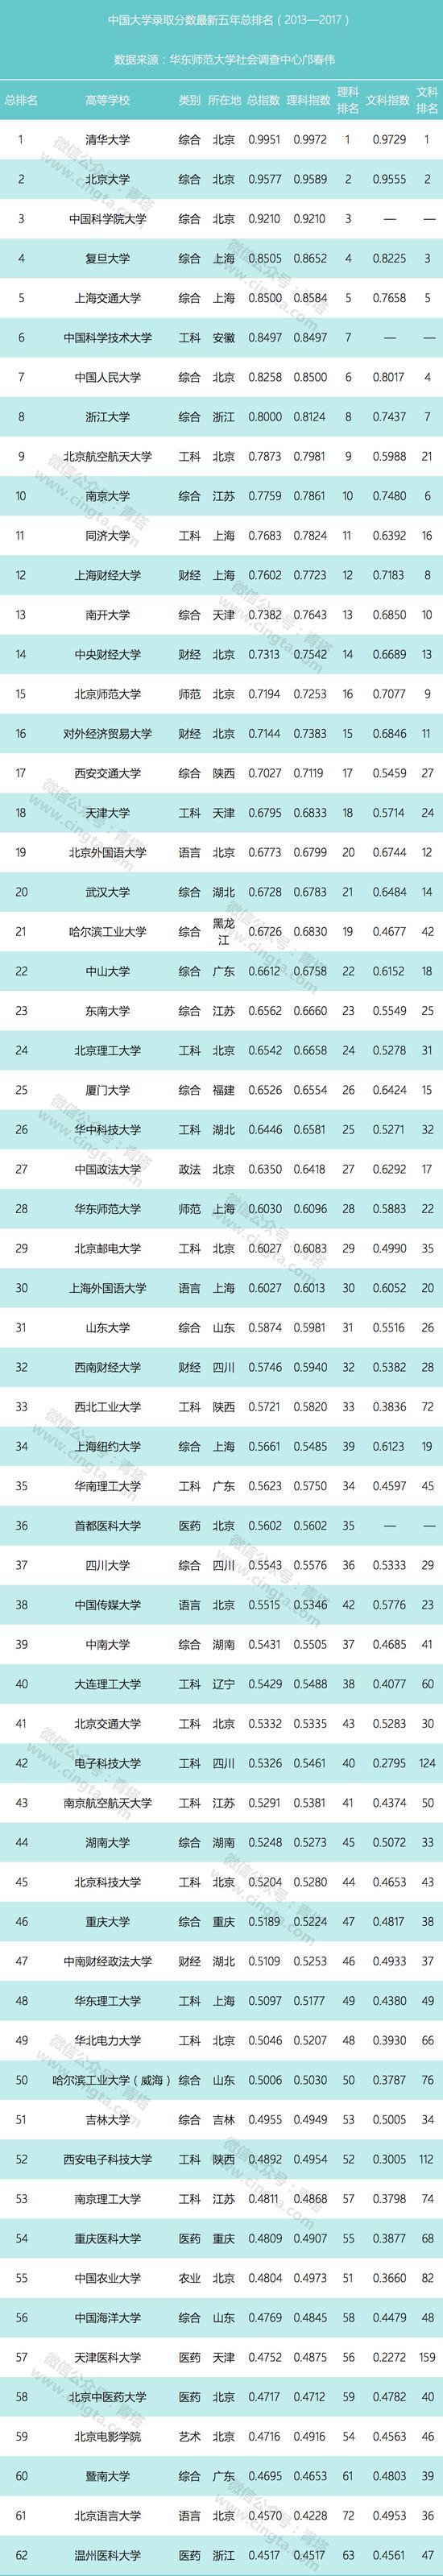 2018版中国大学近5年录取分数排行榜